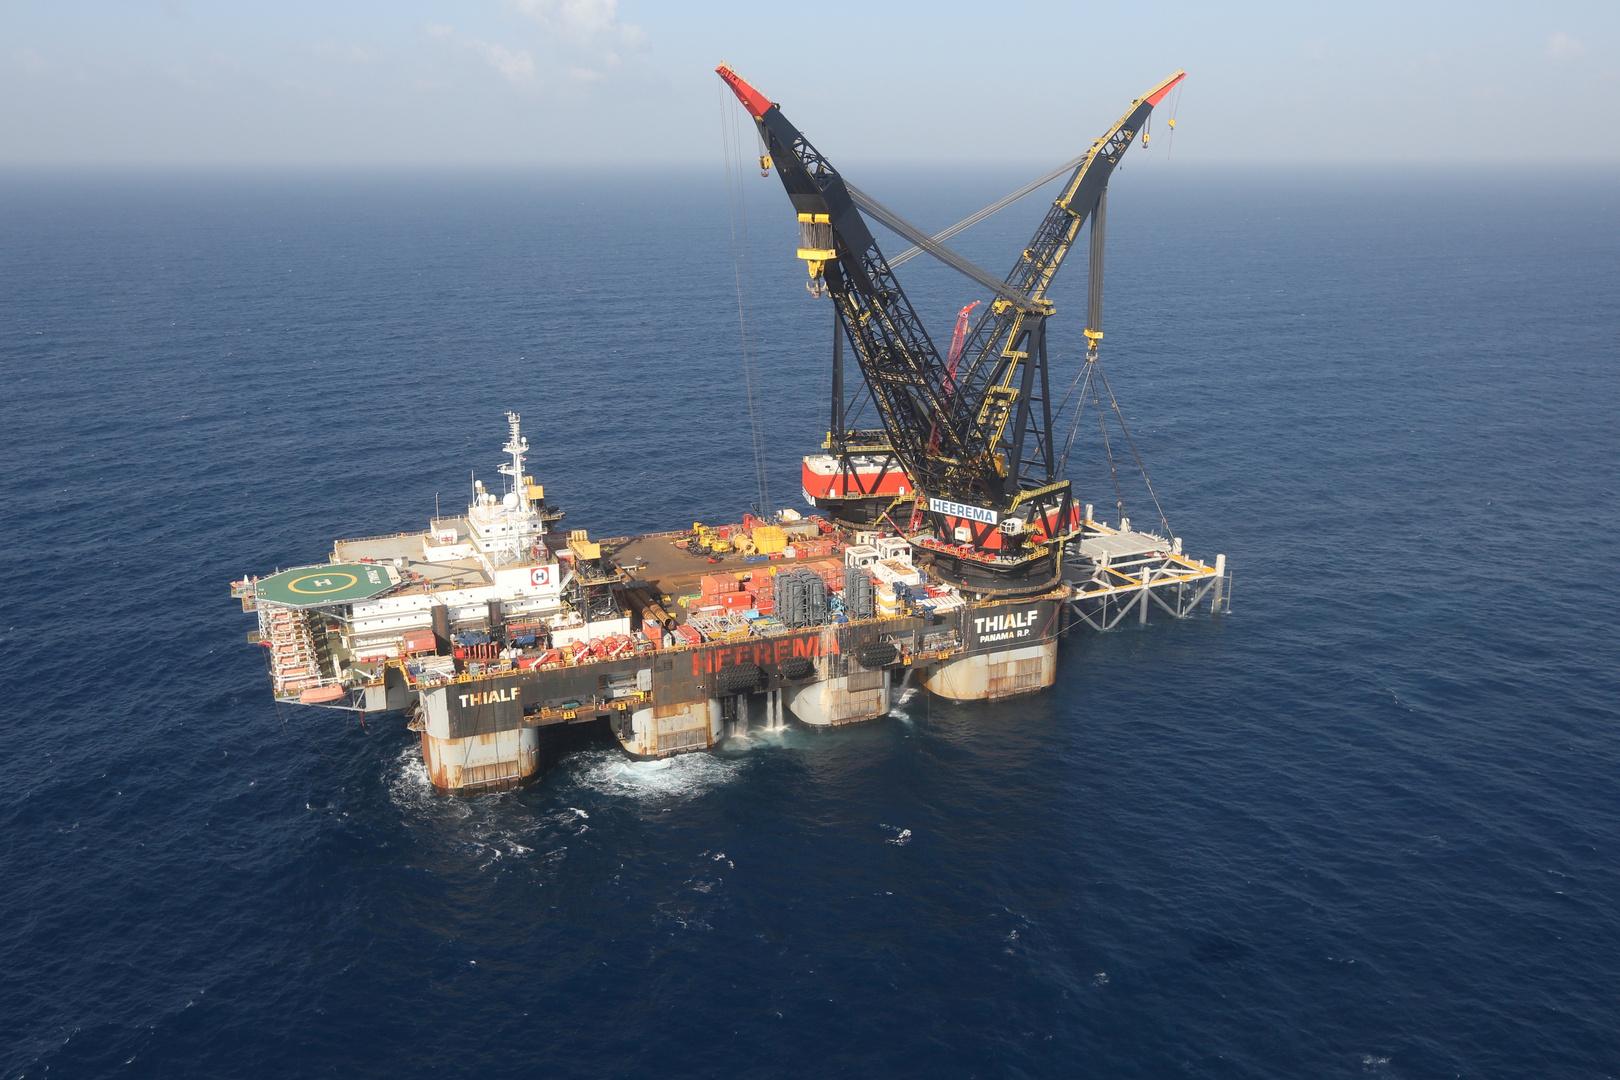 منصة التأسيس الجديدة لحقل ليفياثان للغاز الطبيعي في البحر الأبيض المتوسط قبالة سواحل حيفا